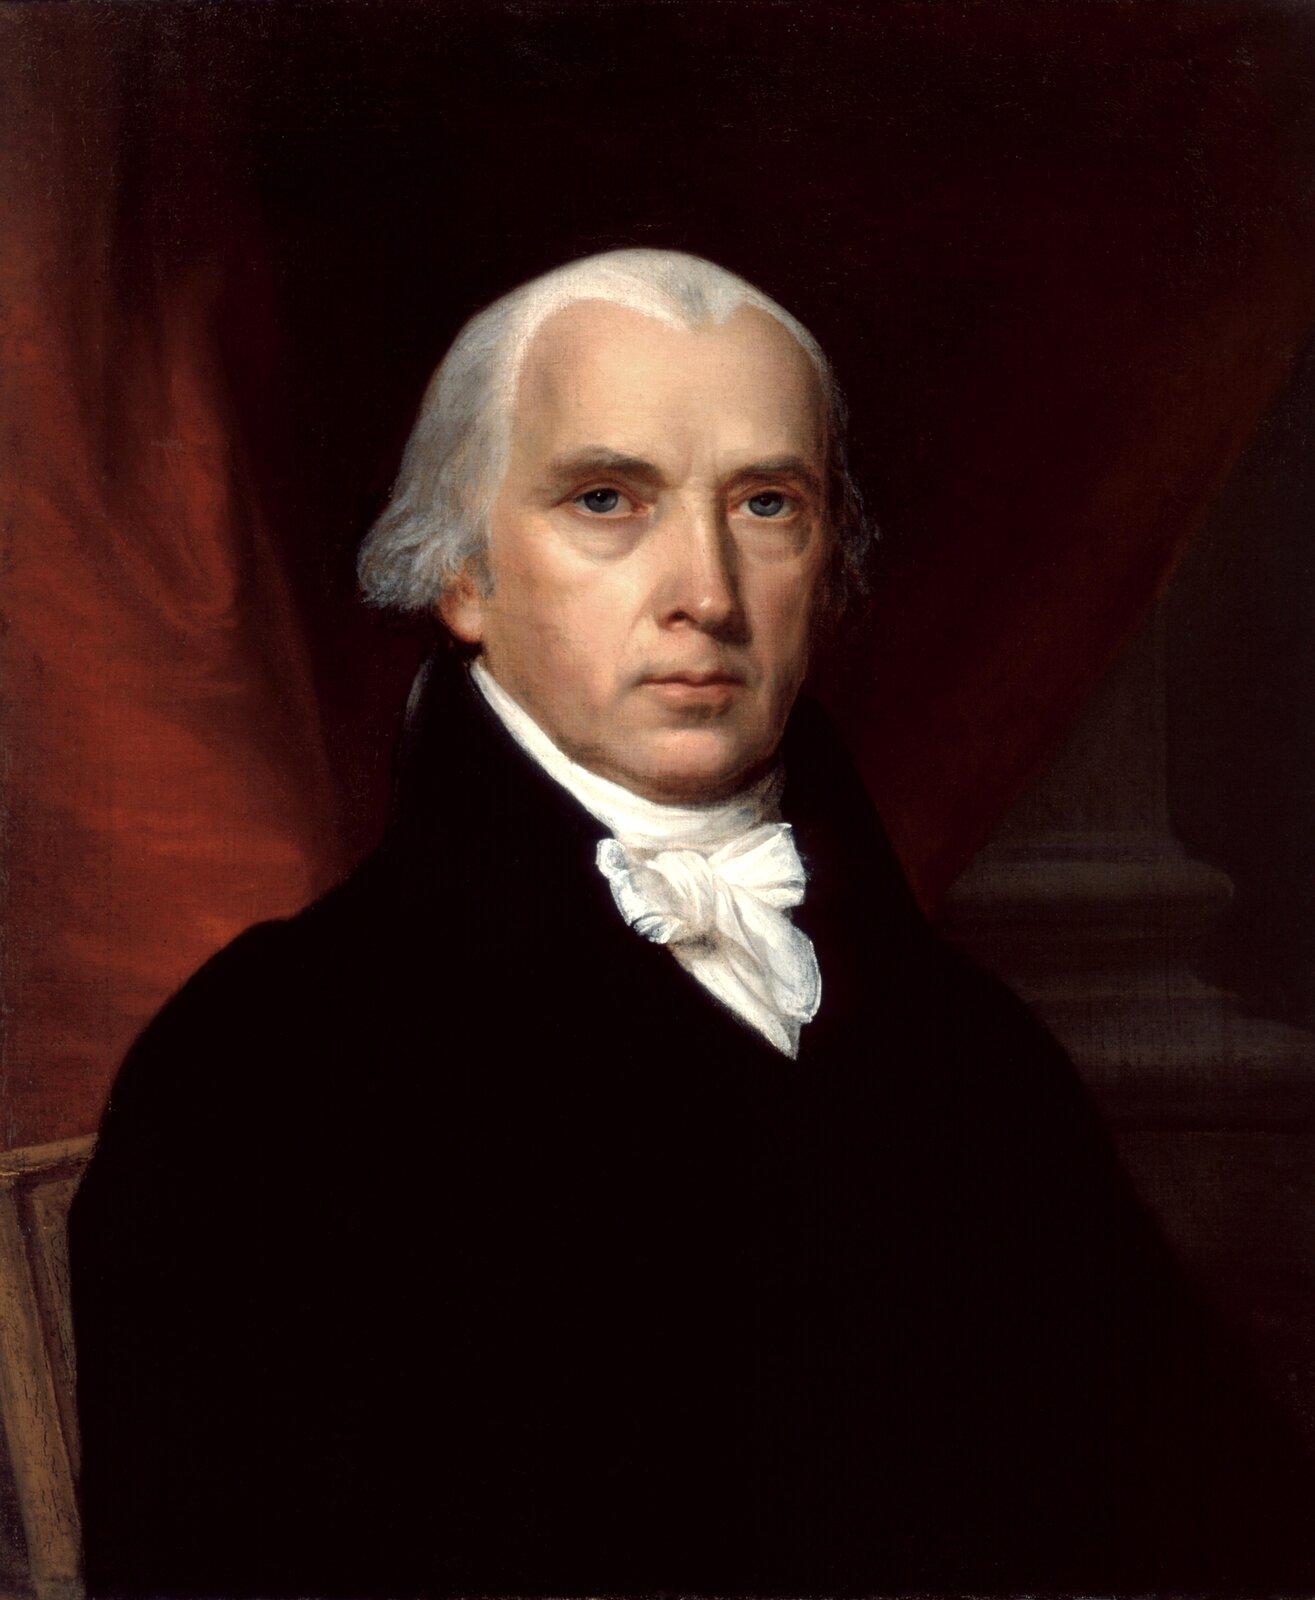 James Madison James Madison – portretnamalowany przez John Vanderlyna (1775-1852) w1816 r. – obecnie wBiałym Domu. Źródło: John Vanderlyn, James Madison, 1816, The White House Historical Association, domena publiczna.